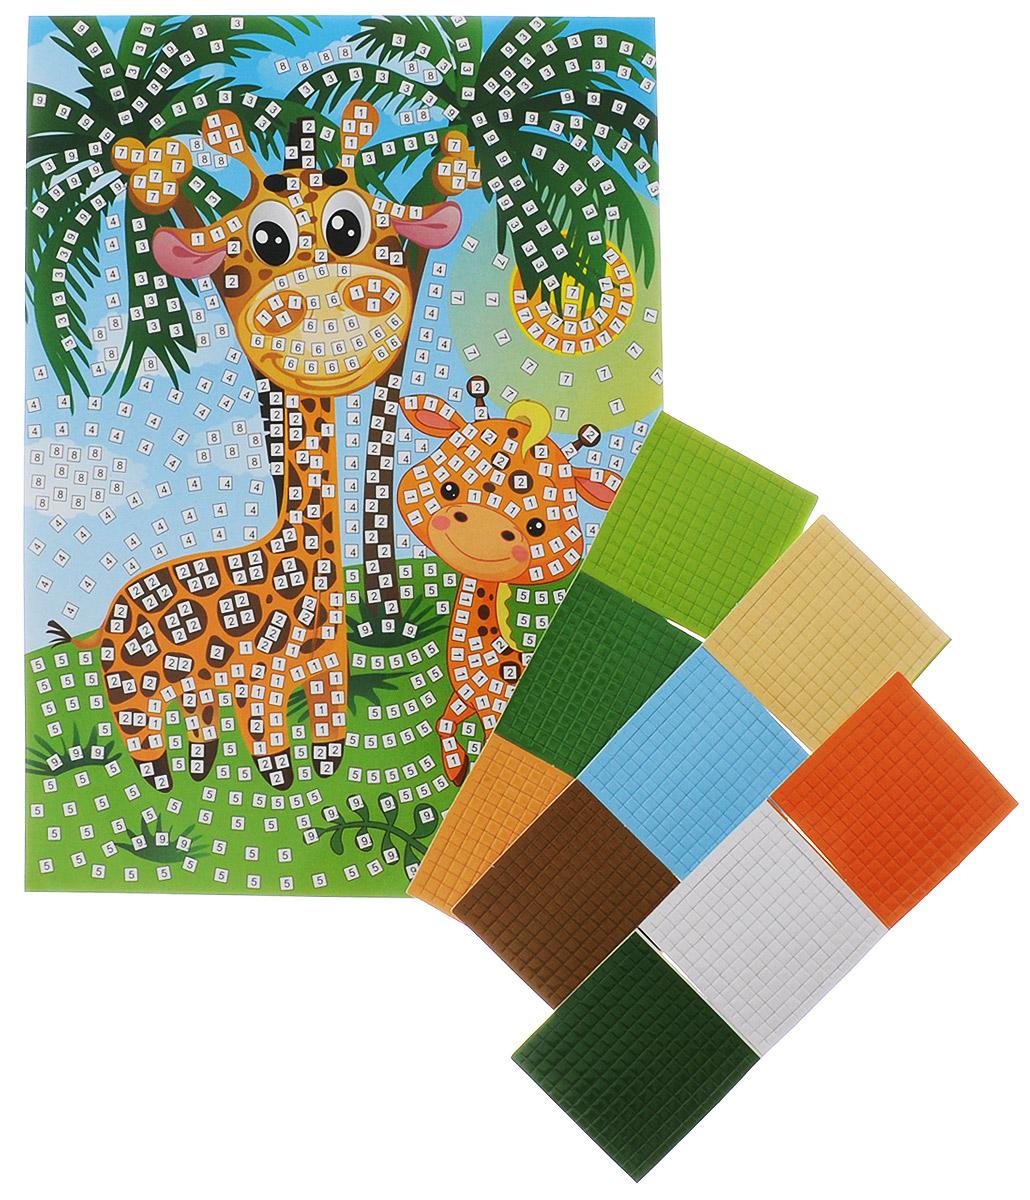 Рыжий Кот Мозаика мягкая Жирафы пазлы апплика мозаика мягкая алфавит английский из самоклеящегося мягкого пластика eva